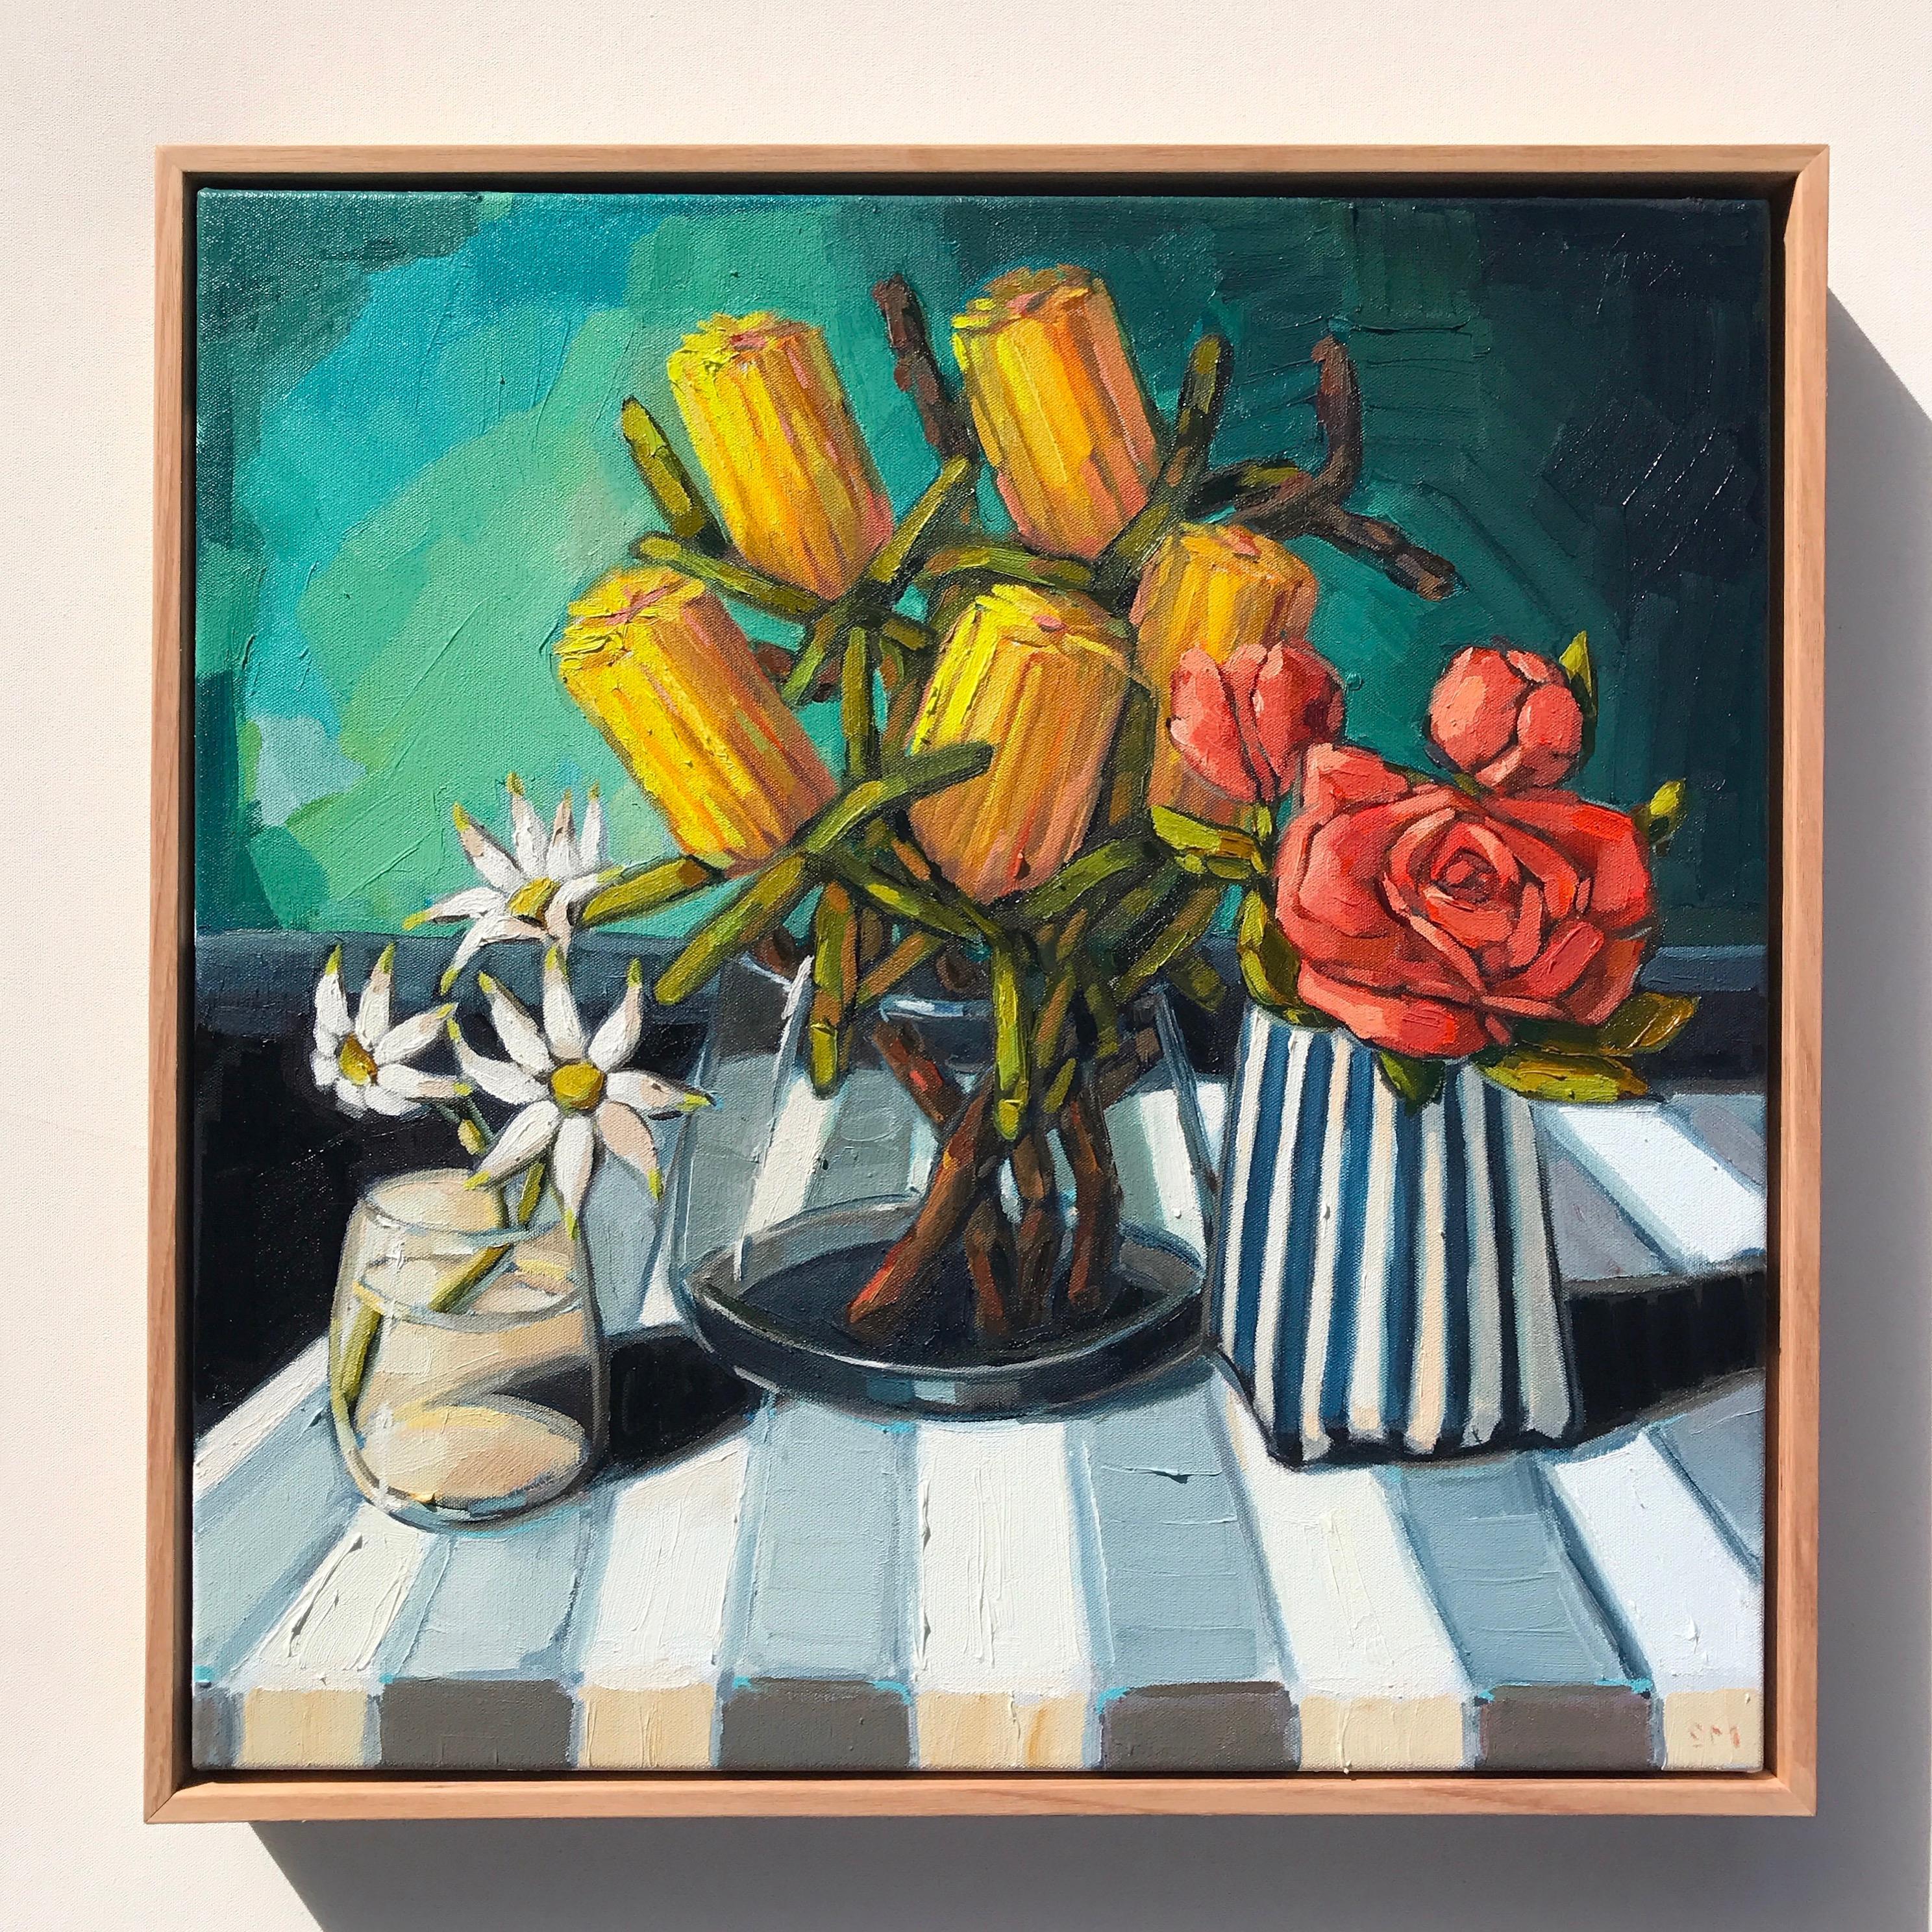 01_17 'Hyper-Botancial, Yellow Banksia' 53x53cm $895